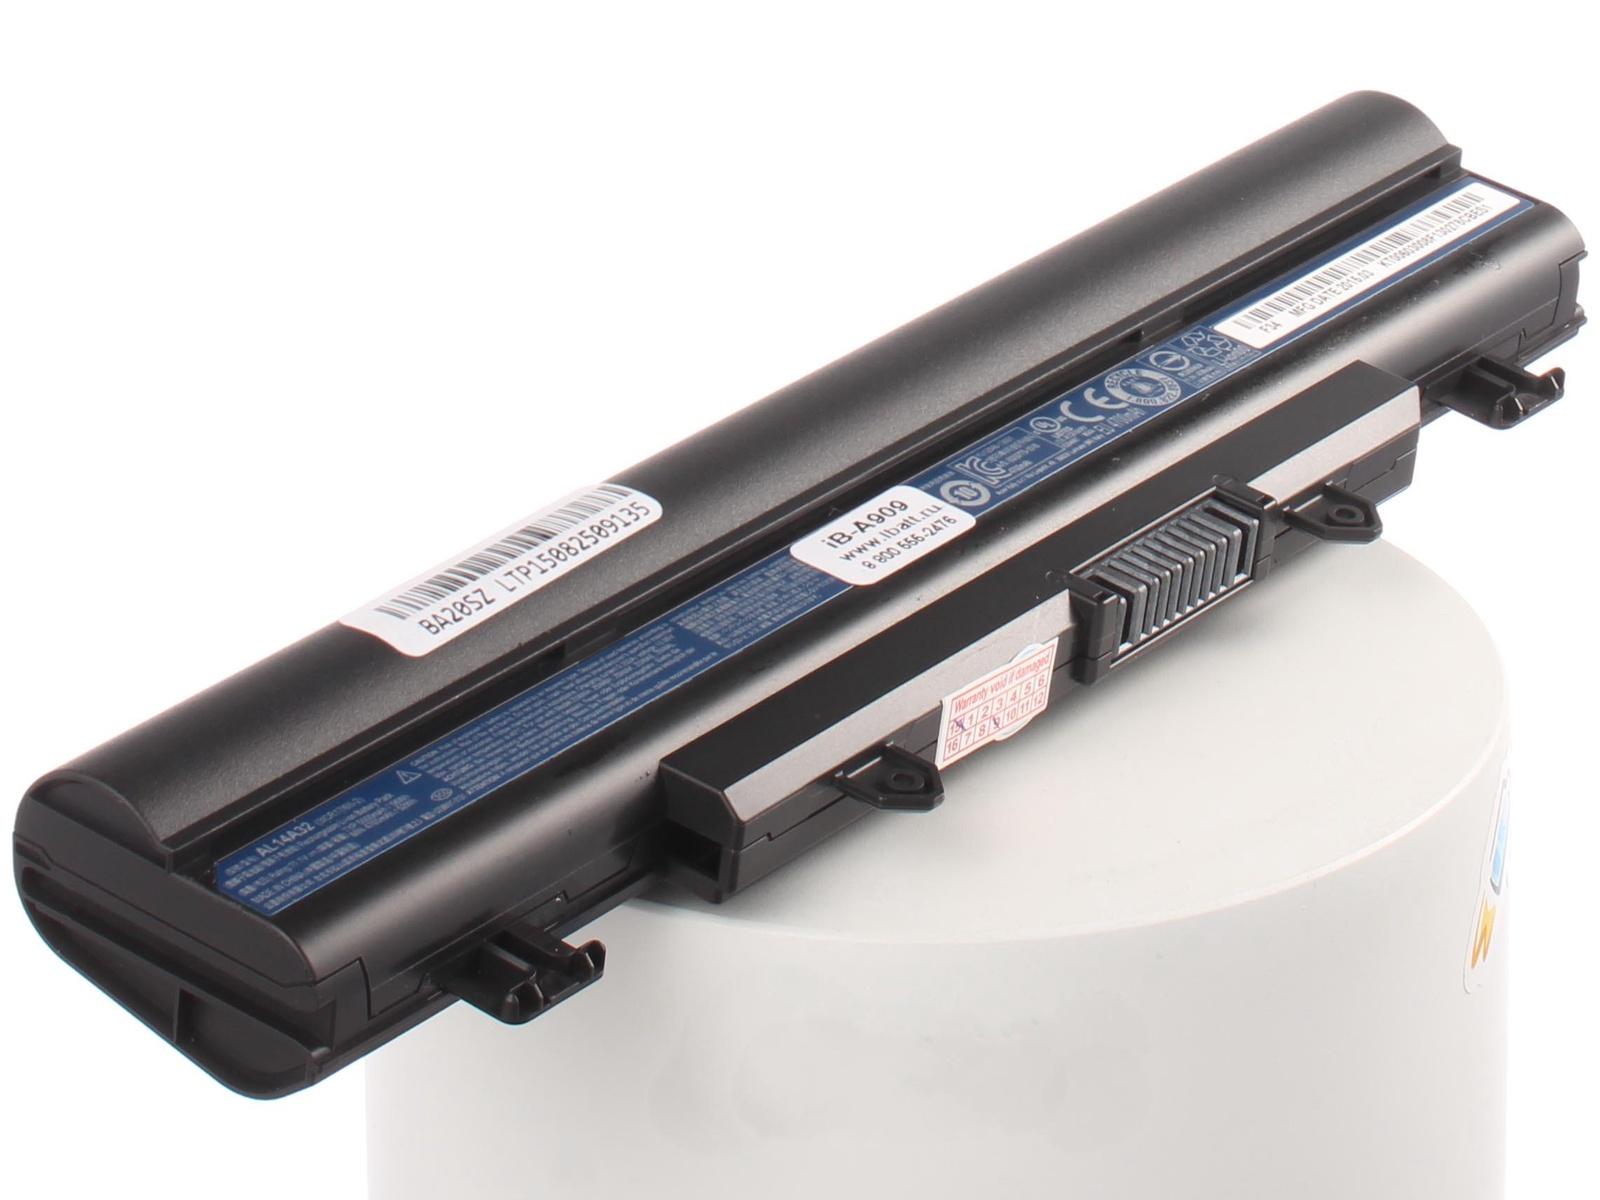 Аккумулятор для ноутбука iBatt для Acer Extensa 2510G-53DE, Aspire E5-411, Aspire E5-521-22HD, Aspire E5-571G-52Q4, Aspire E5-571G-37FY, Aspire V3-572G-7970, Aspire E5-551G-F63G, Aspire E5-551, Aspire E5-521G-88VM, Aspire V3-572 ноутбук acer aspire e5 551g f63g nx mleer 010 nx mleer 010